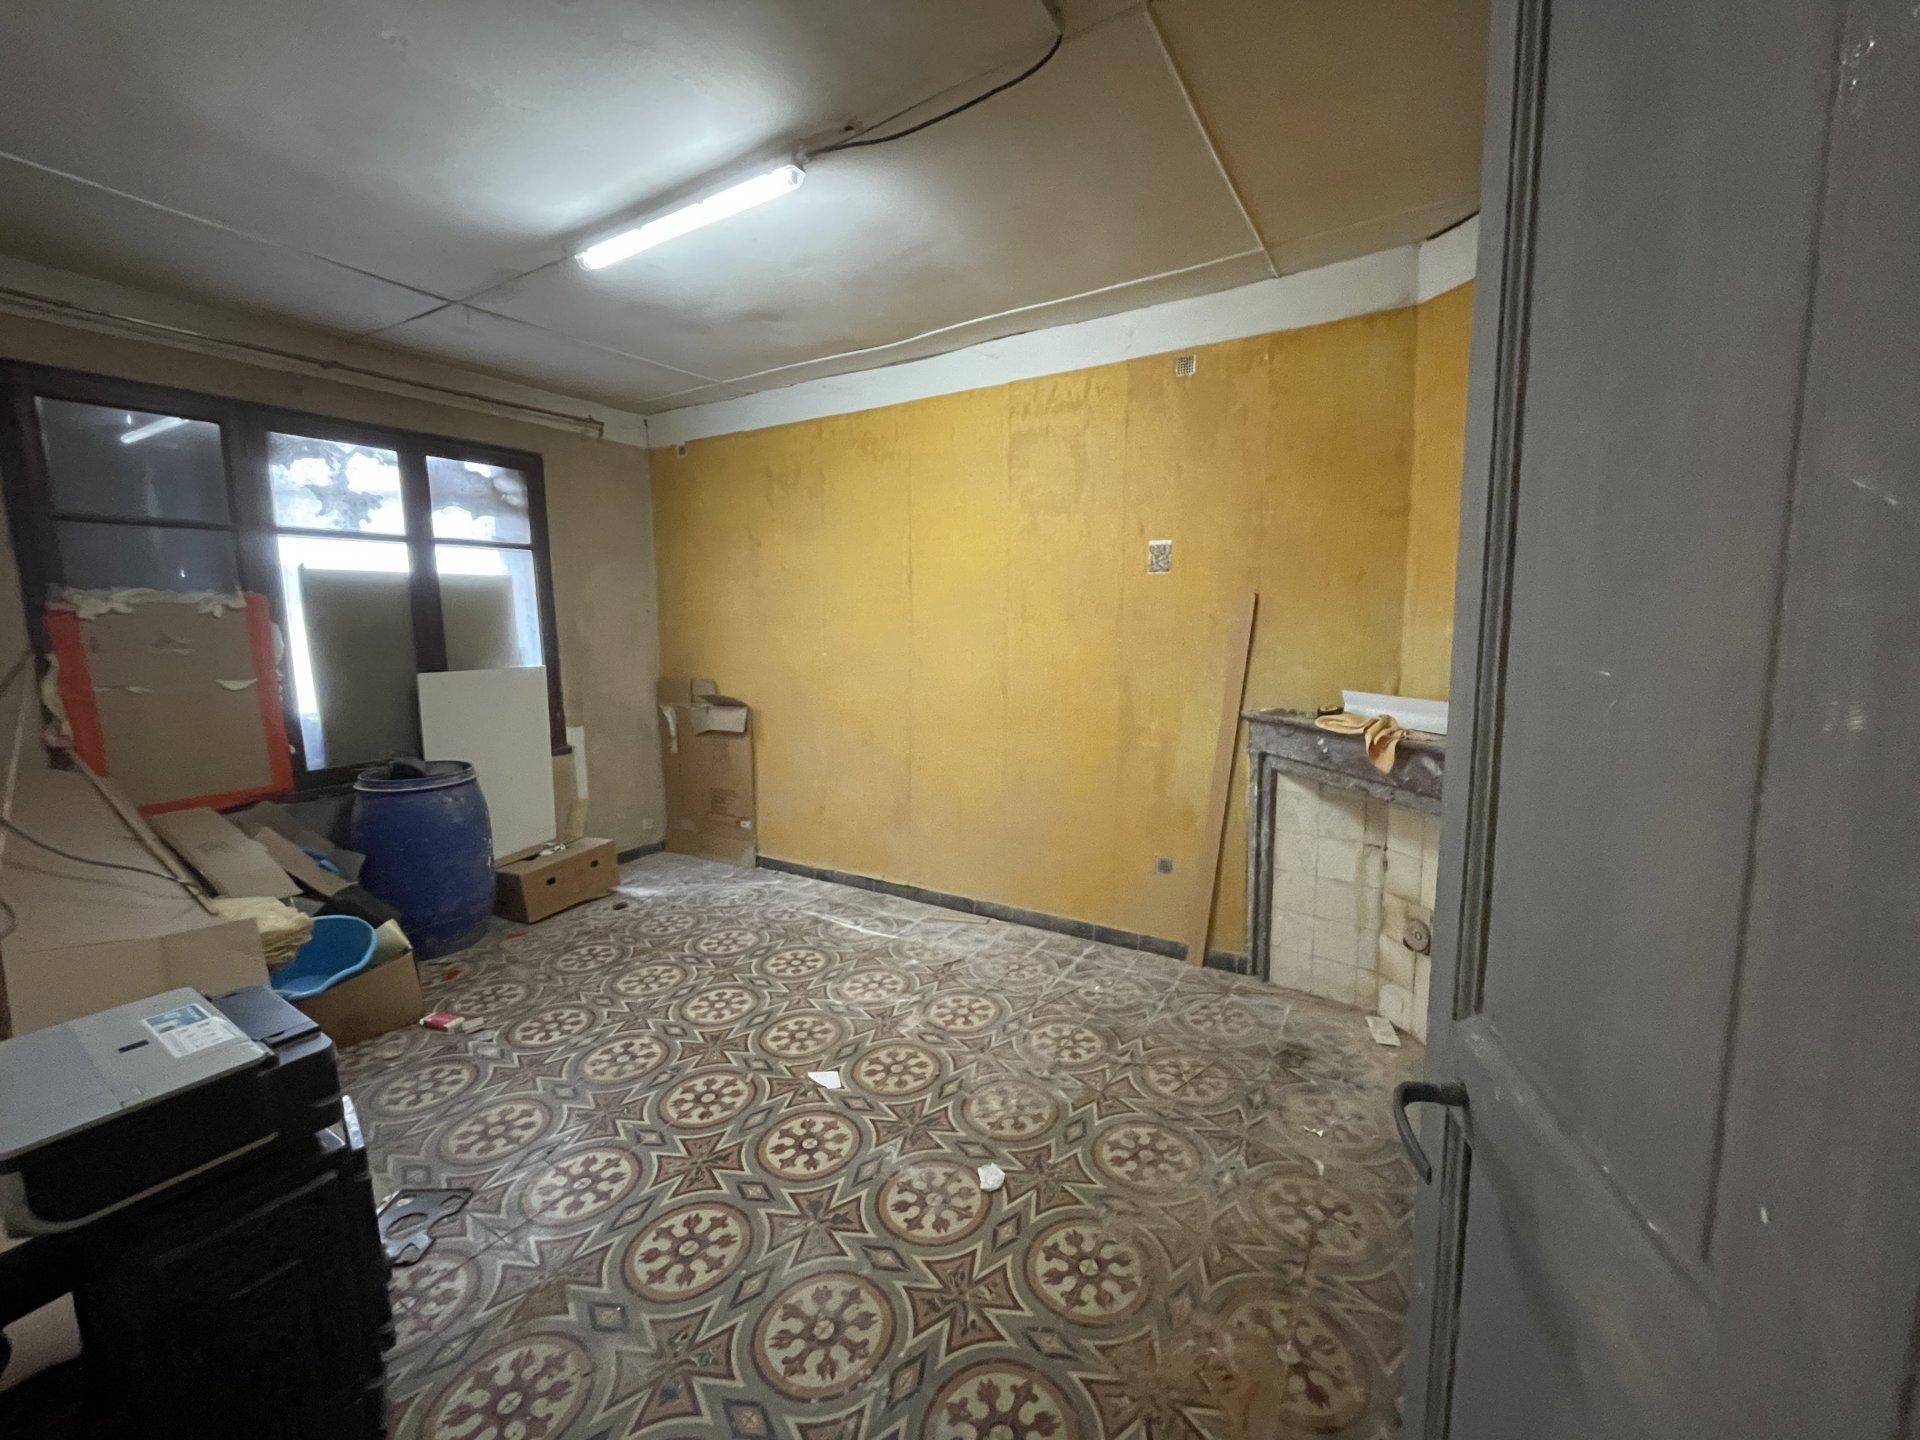 Vente Maison BEAUCAIRE surface habitable de 0 m²